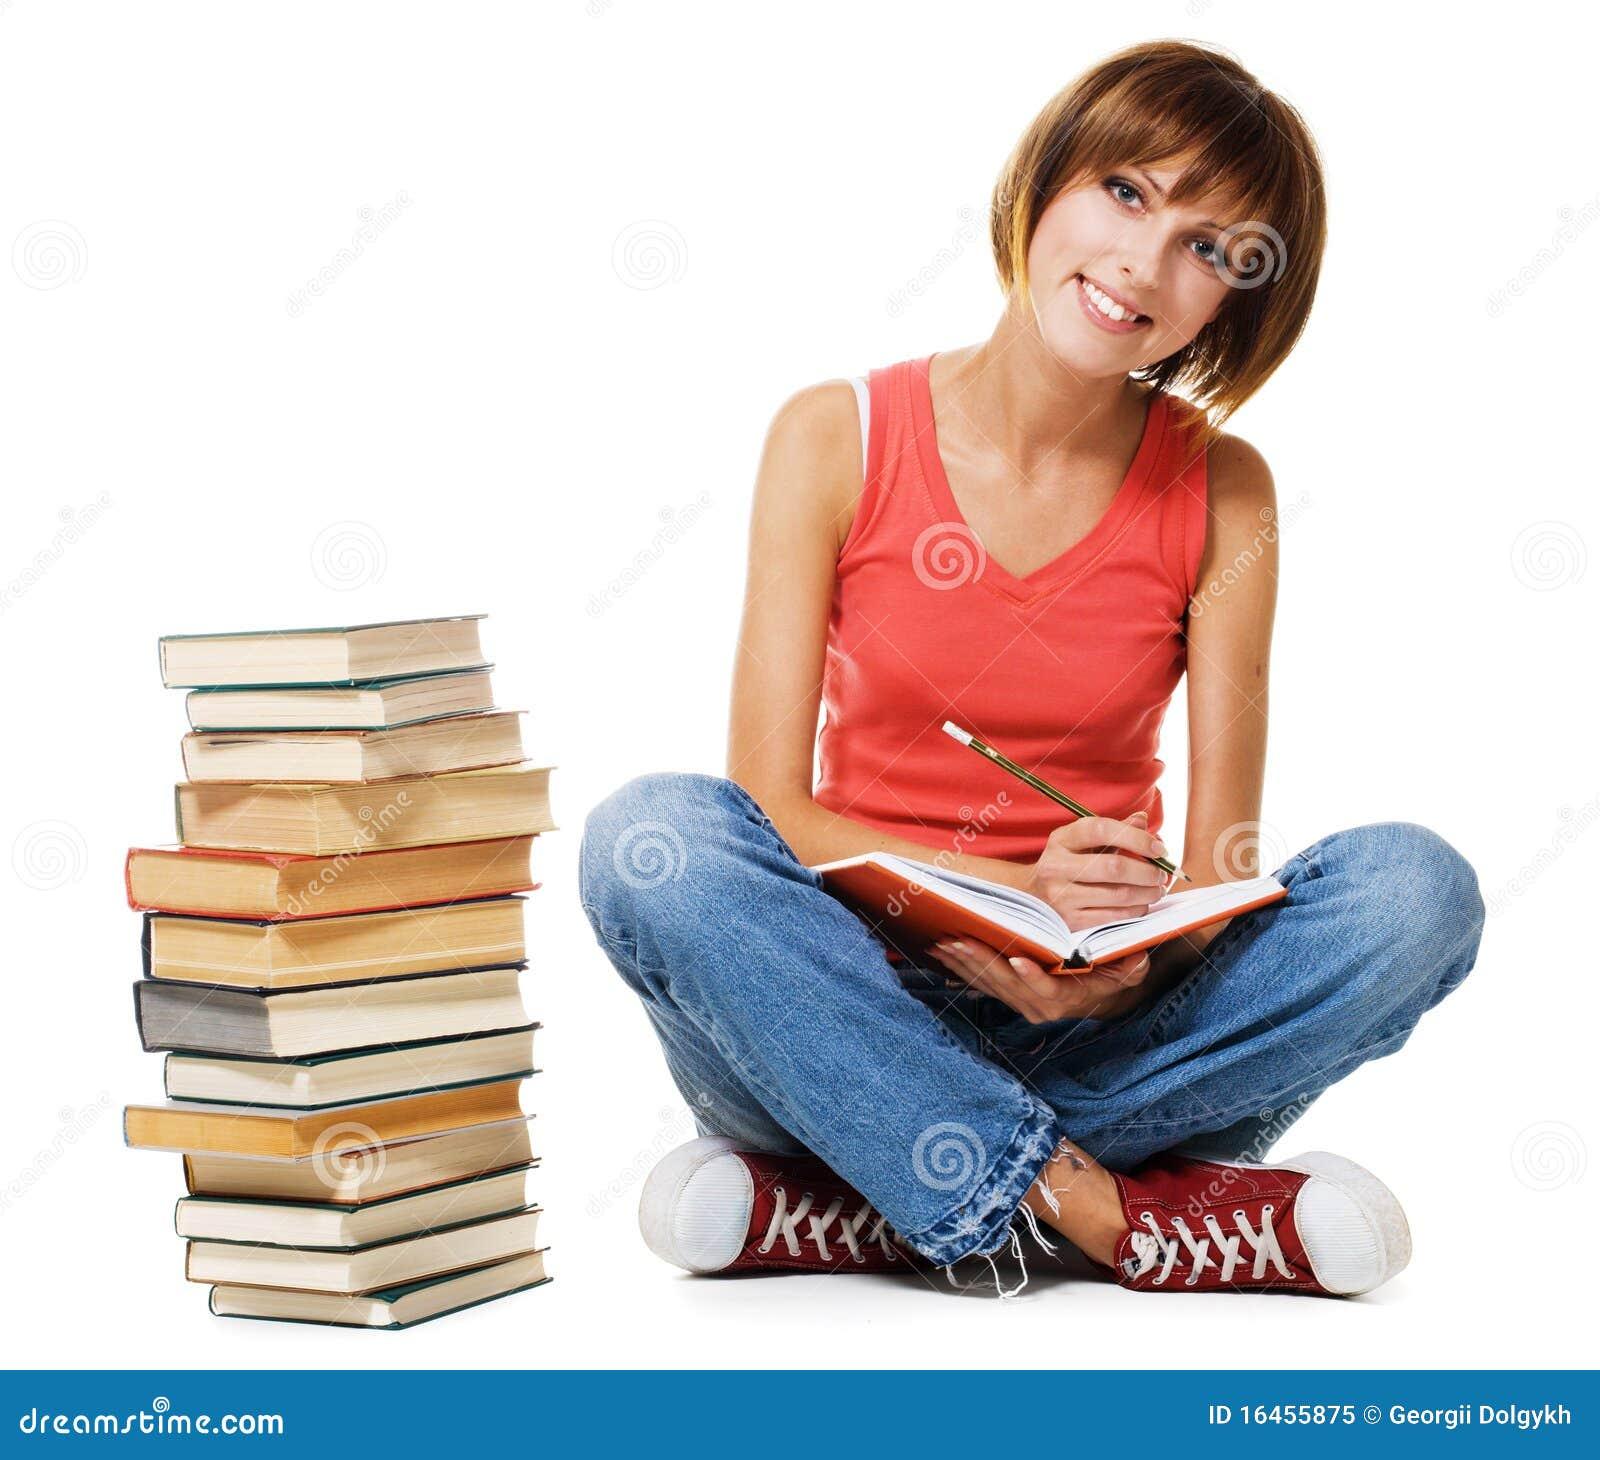 Lovely student girl